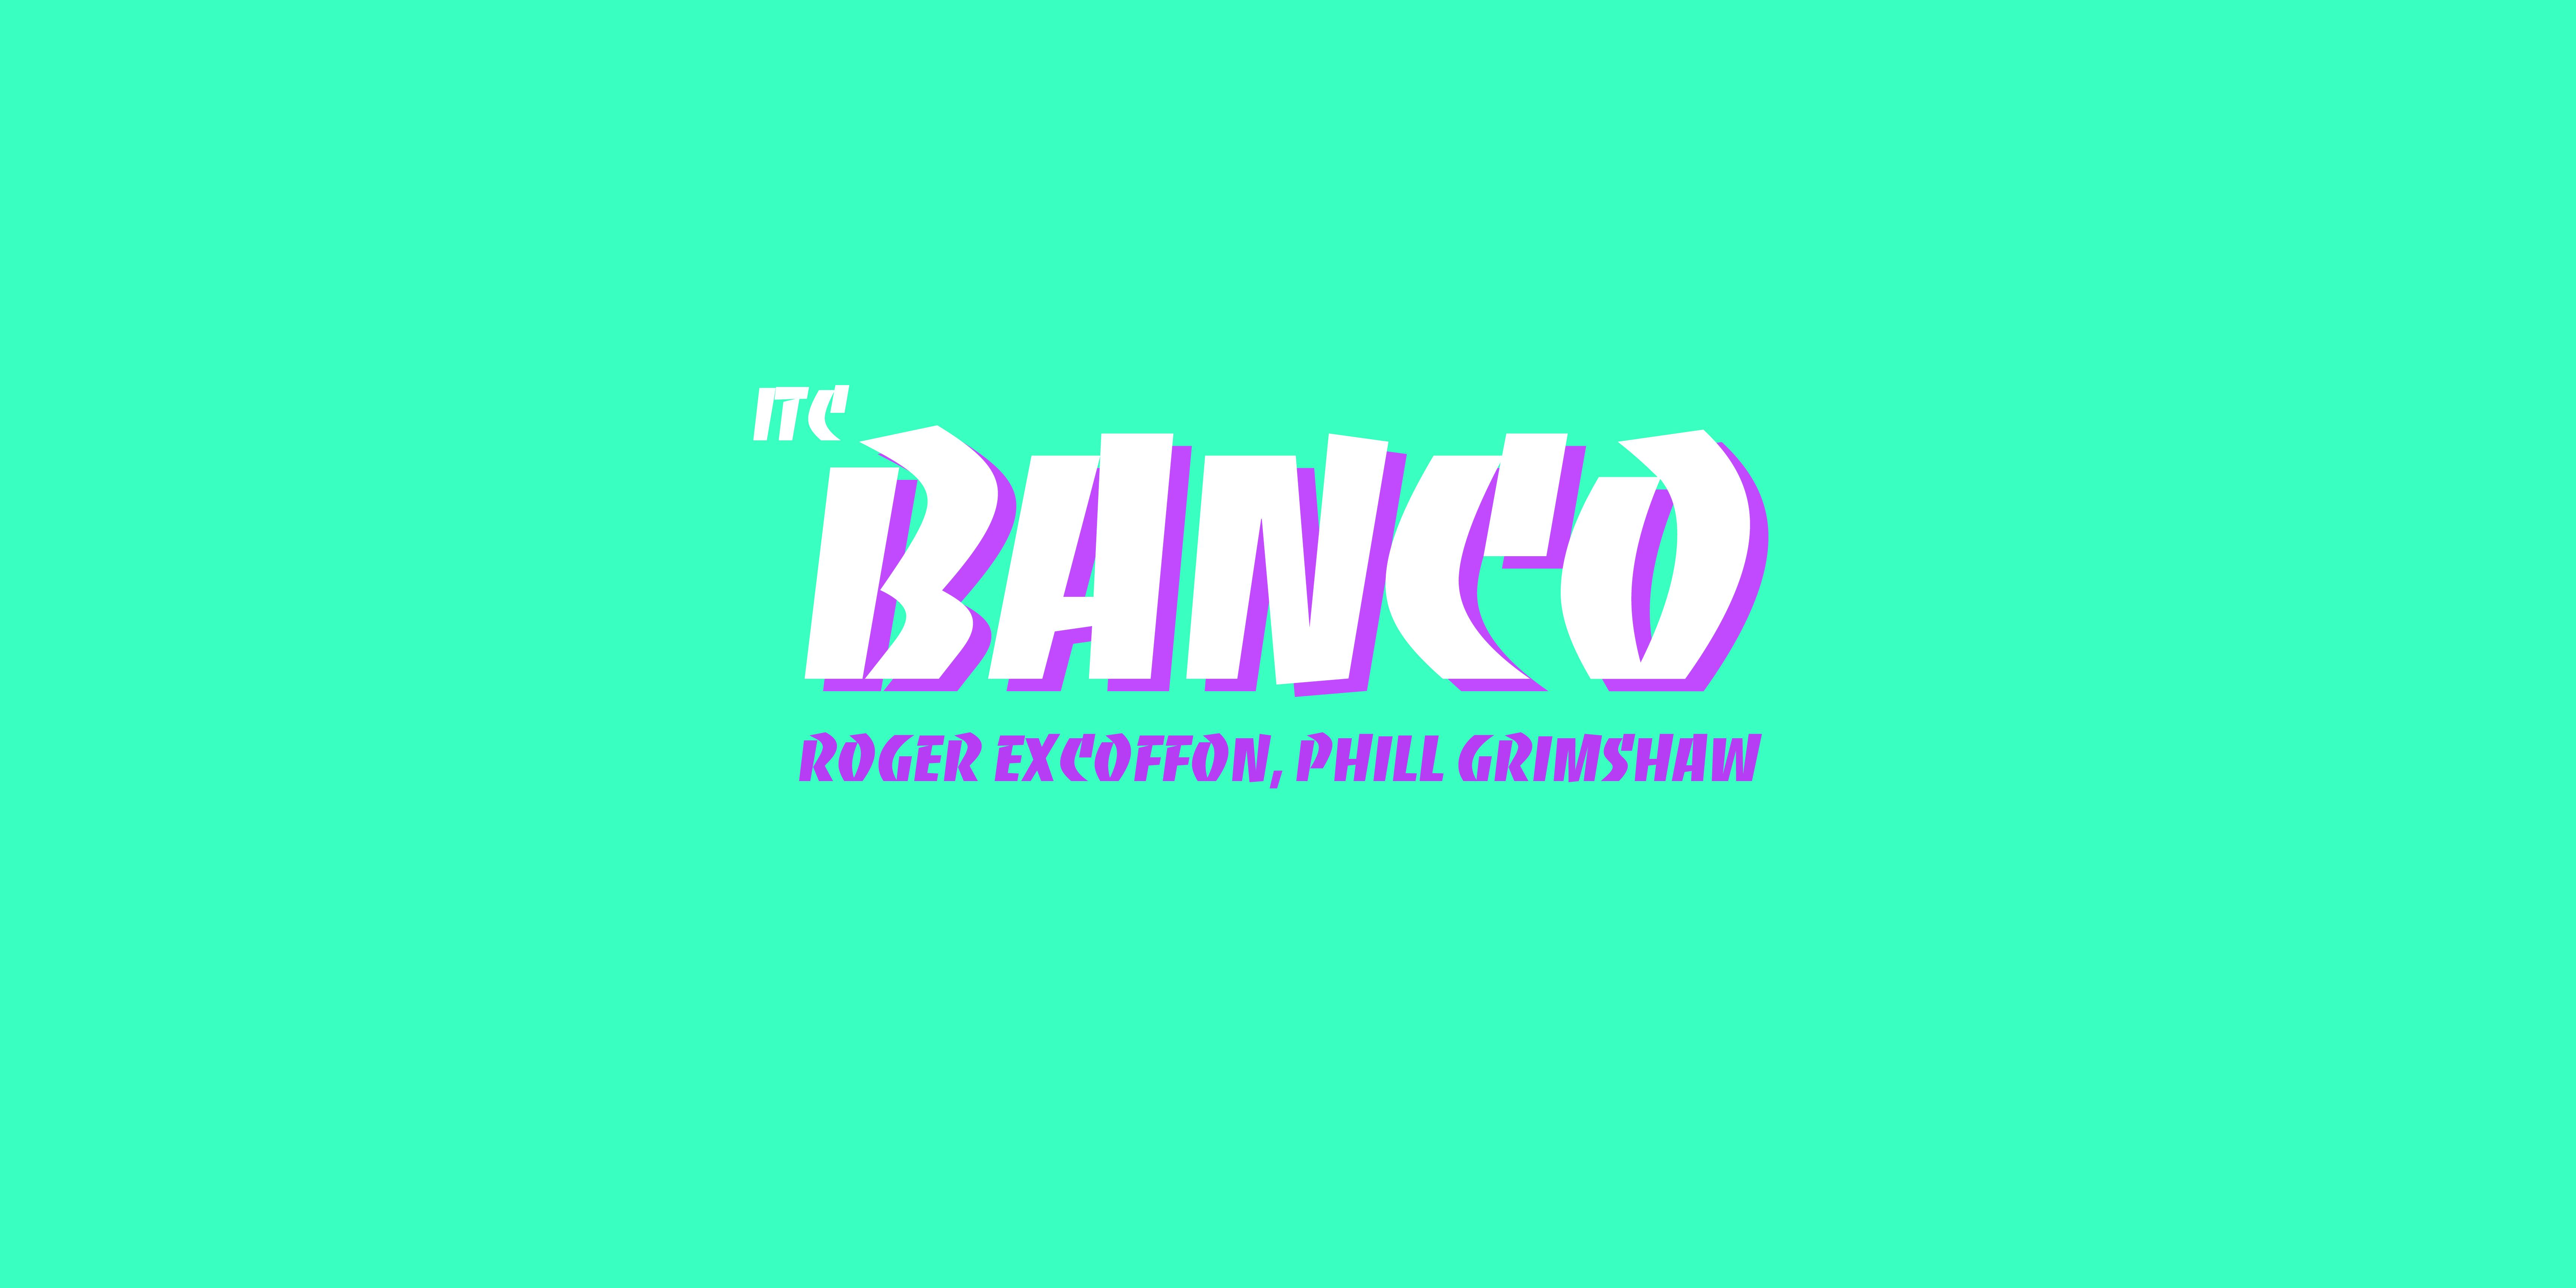 Banco ITC